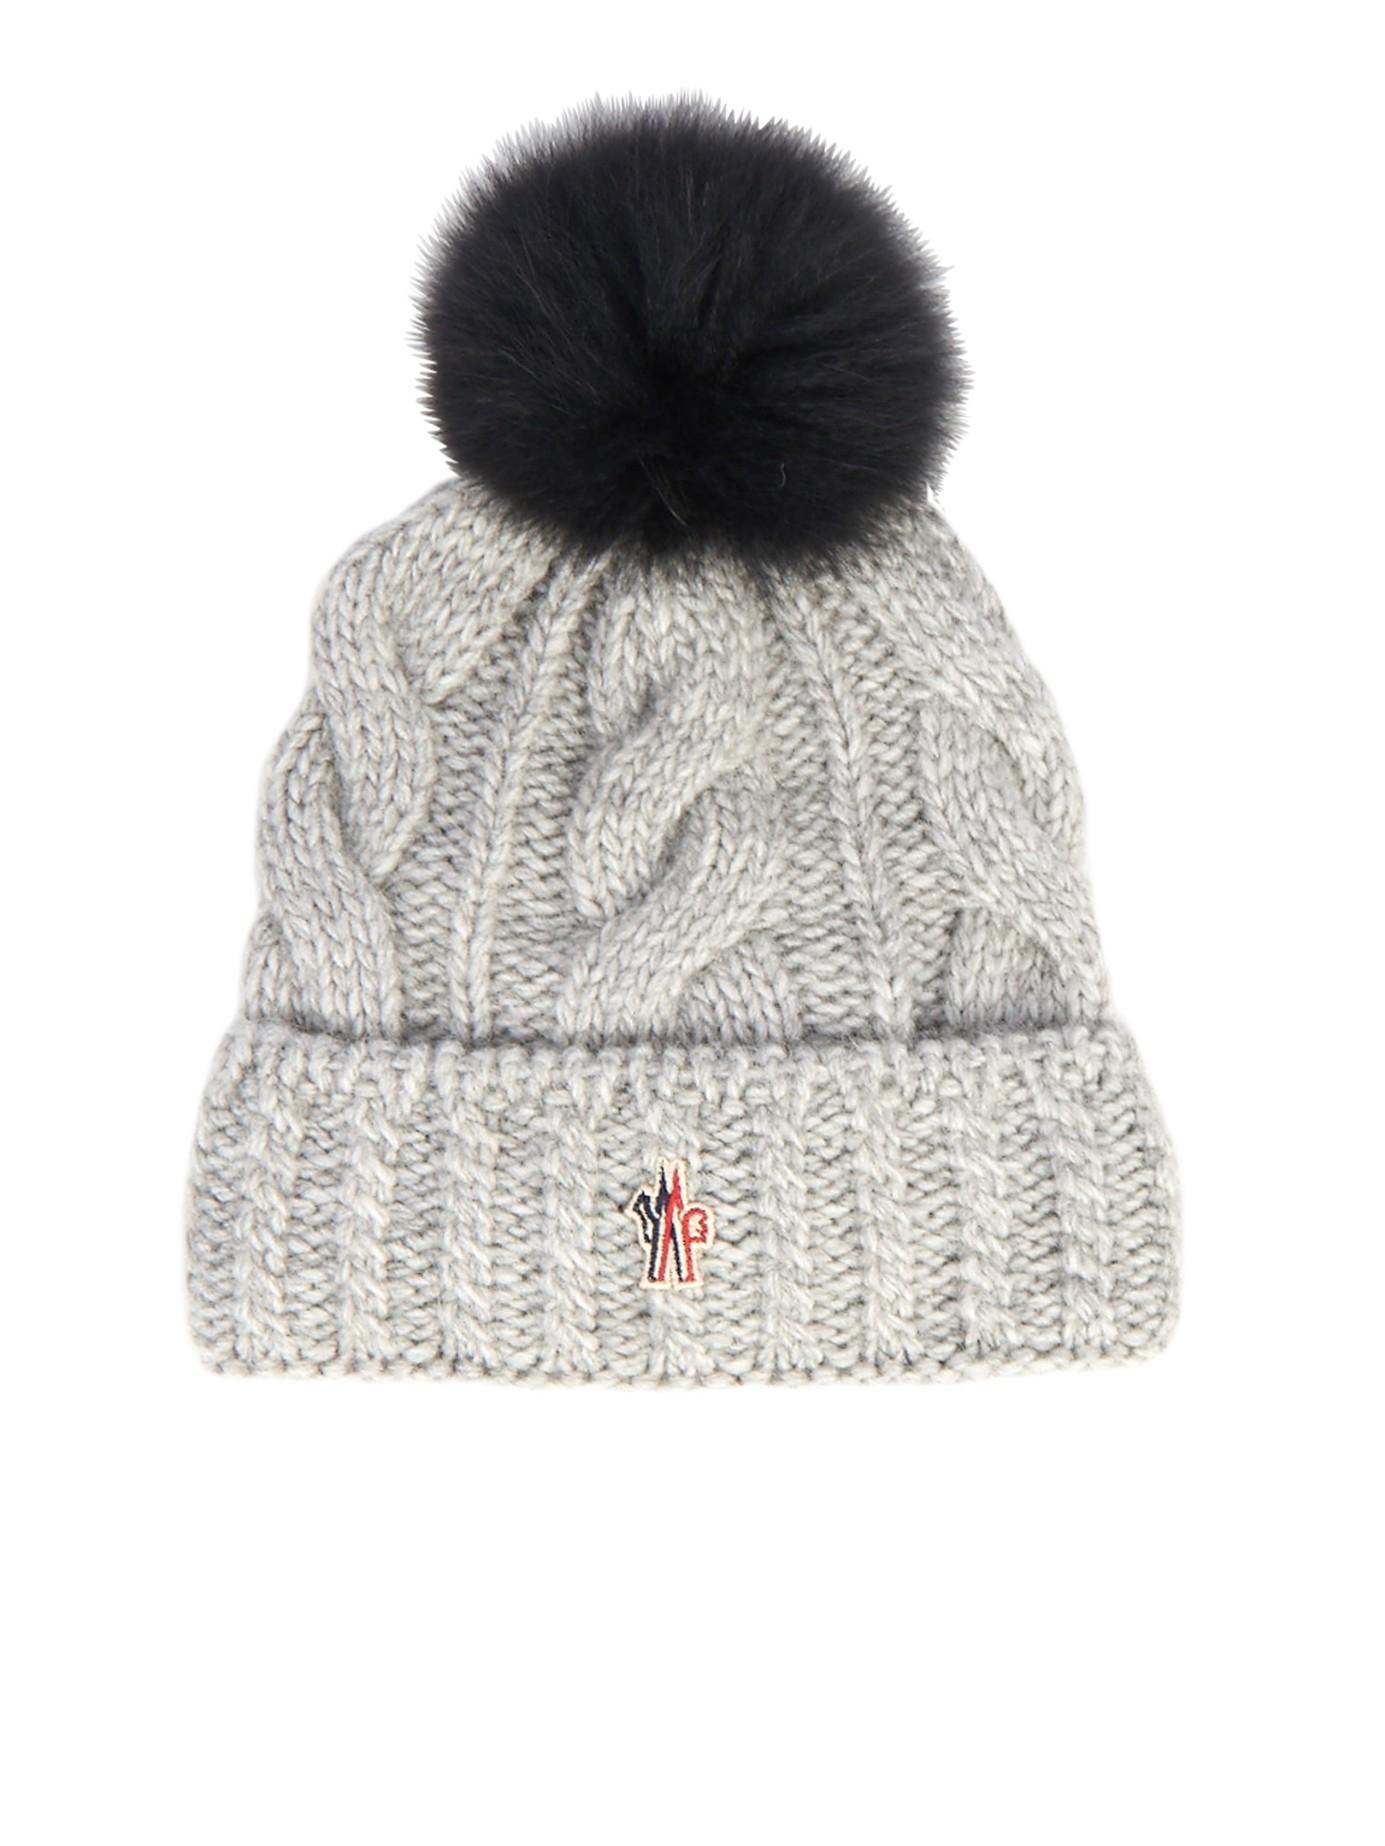 b637e5d68 netherlands moncler hats toque 4ec0f 86ca7